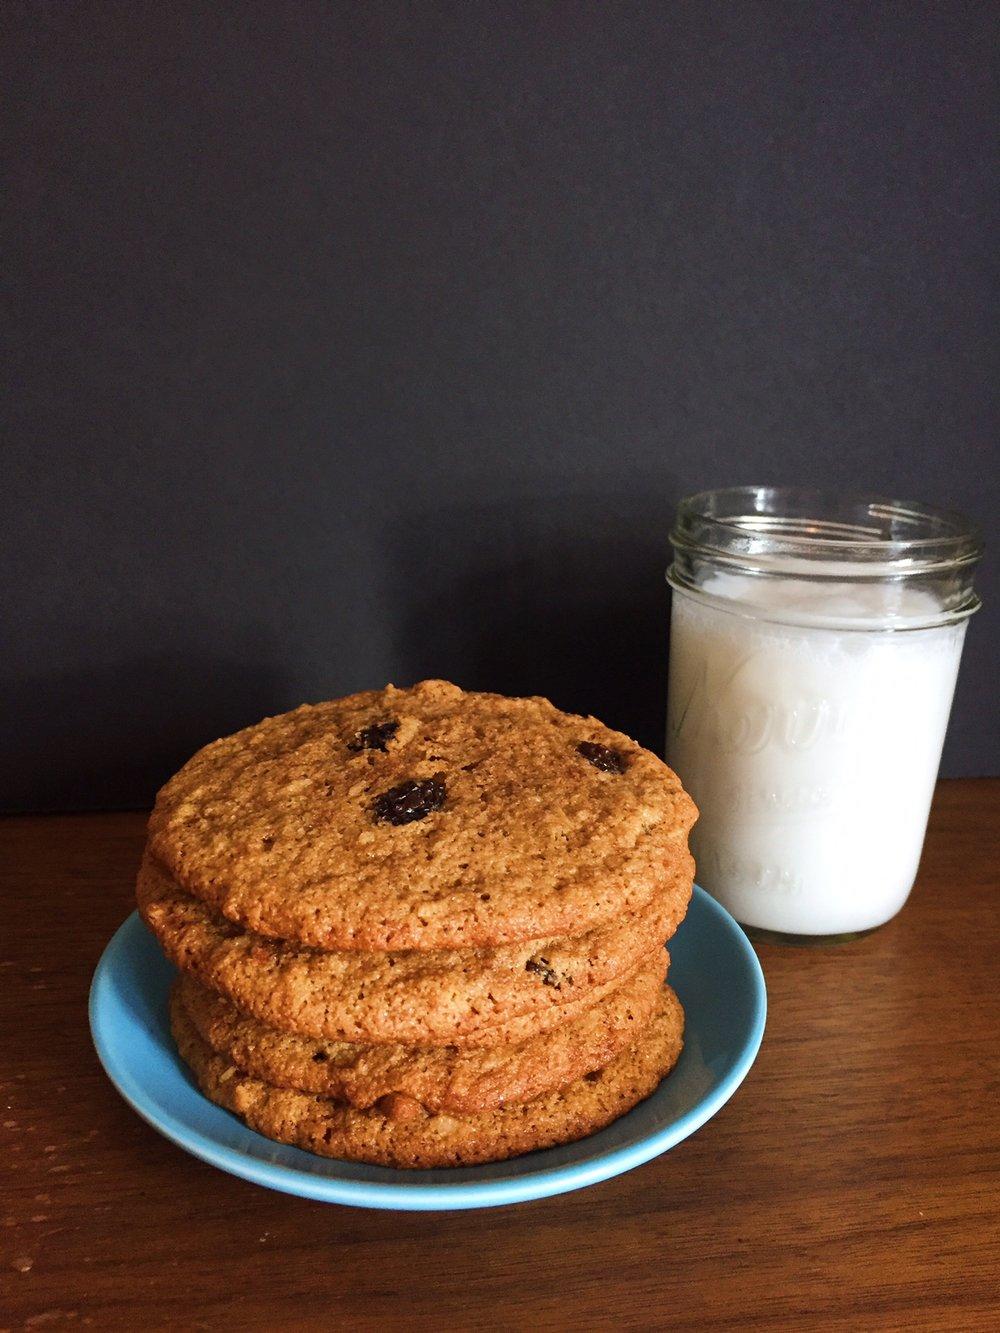 Noatmeal Paleo cookies